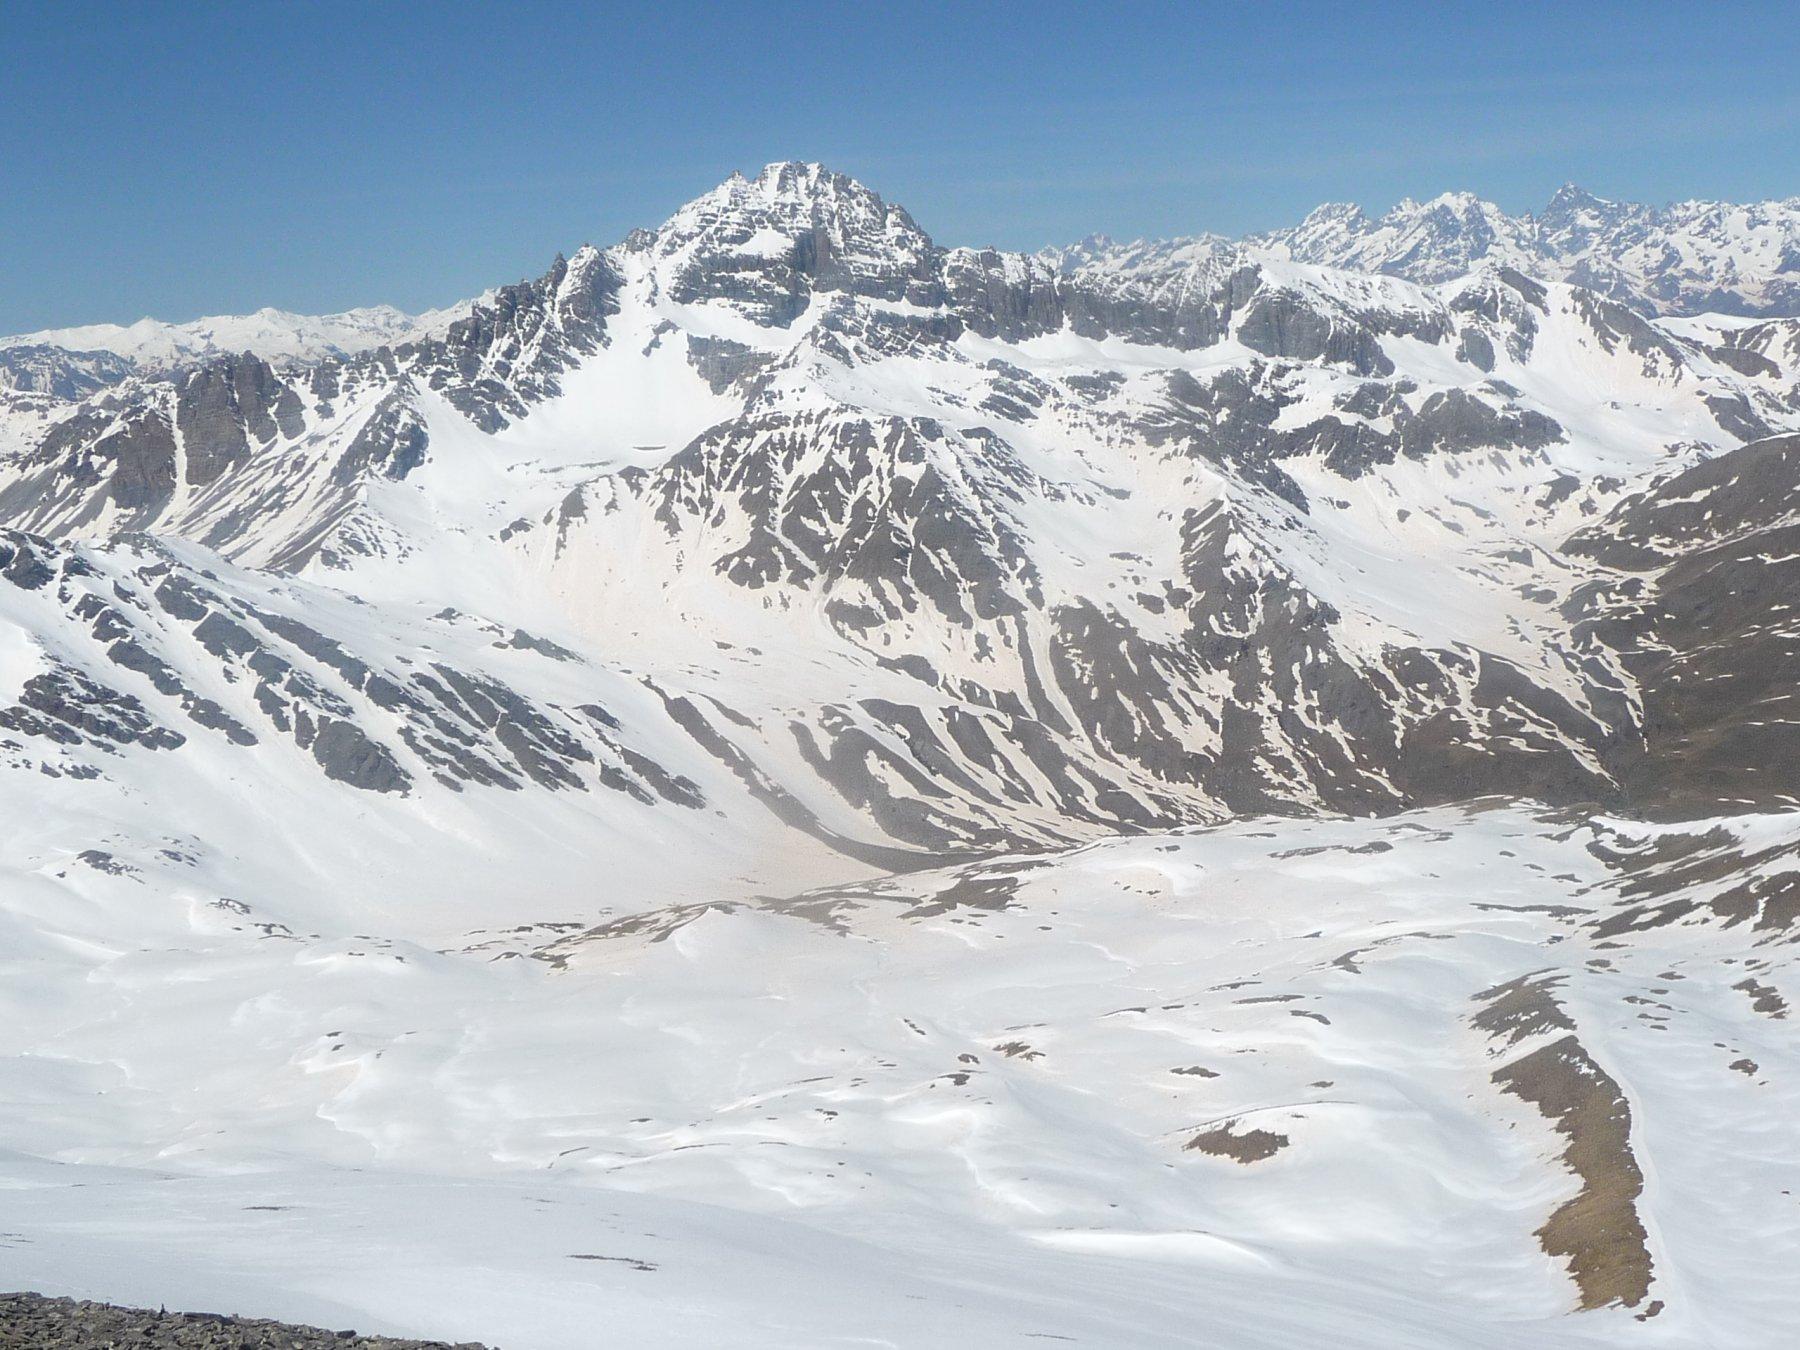 dalla cima l'anfiteatro mammellonato a 2600 metri e sullo sfondo il Pic de Rochebrune